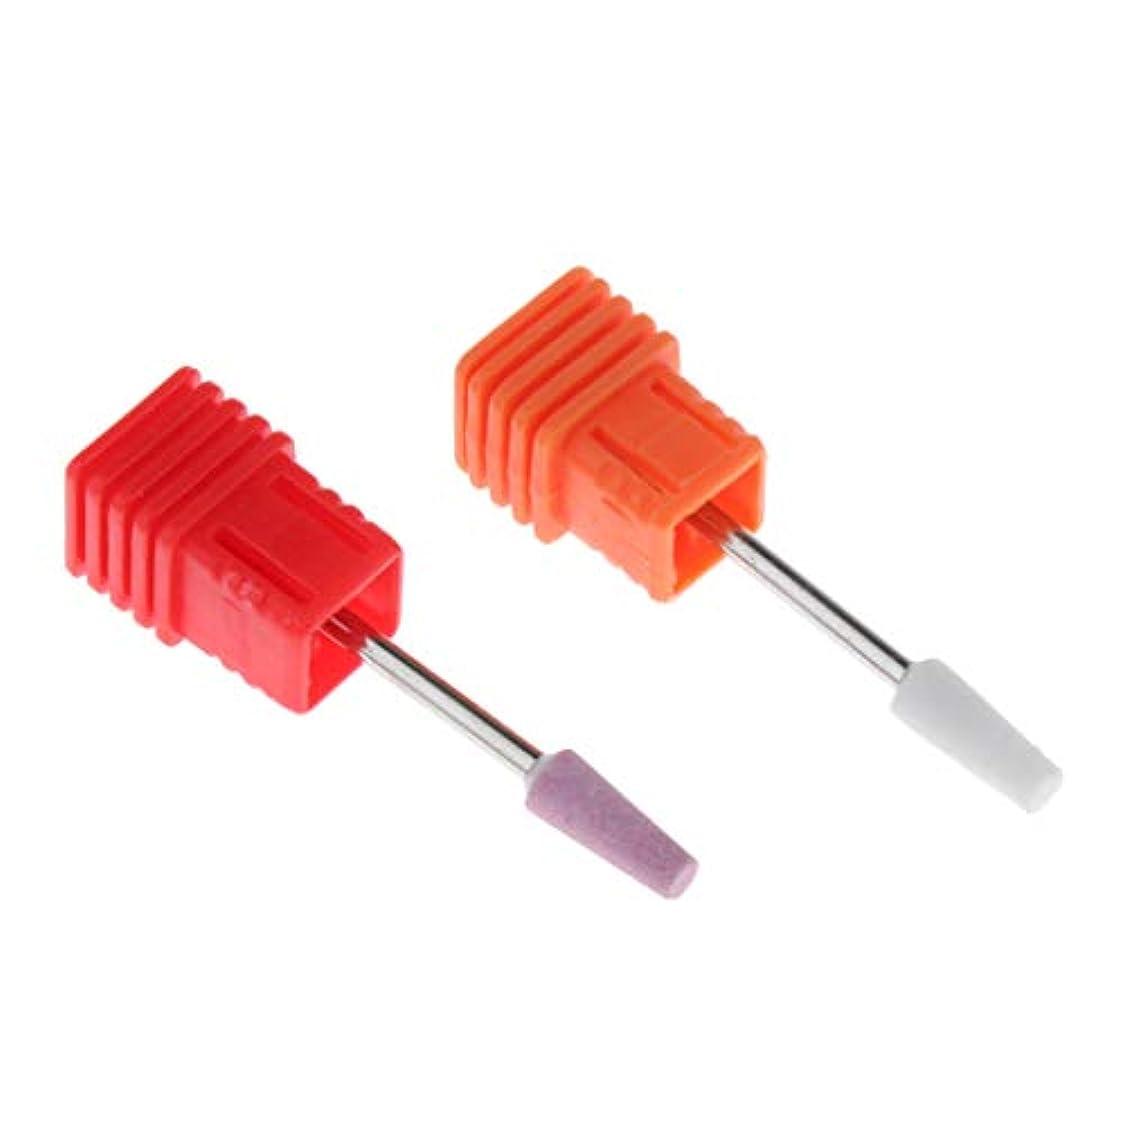 確かに強化サンダース爪 磨き ヘッド 電動研磨ヘッド ネイル グラインド ヘッド 優れた熱放散 耐摩耗性 2個 全6選択 - ホワイト+ピンク